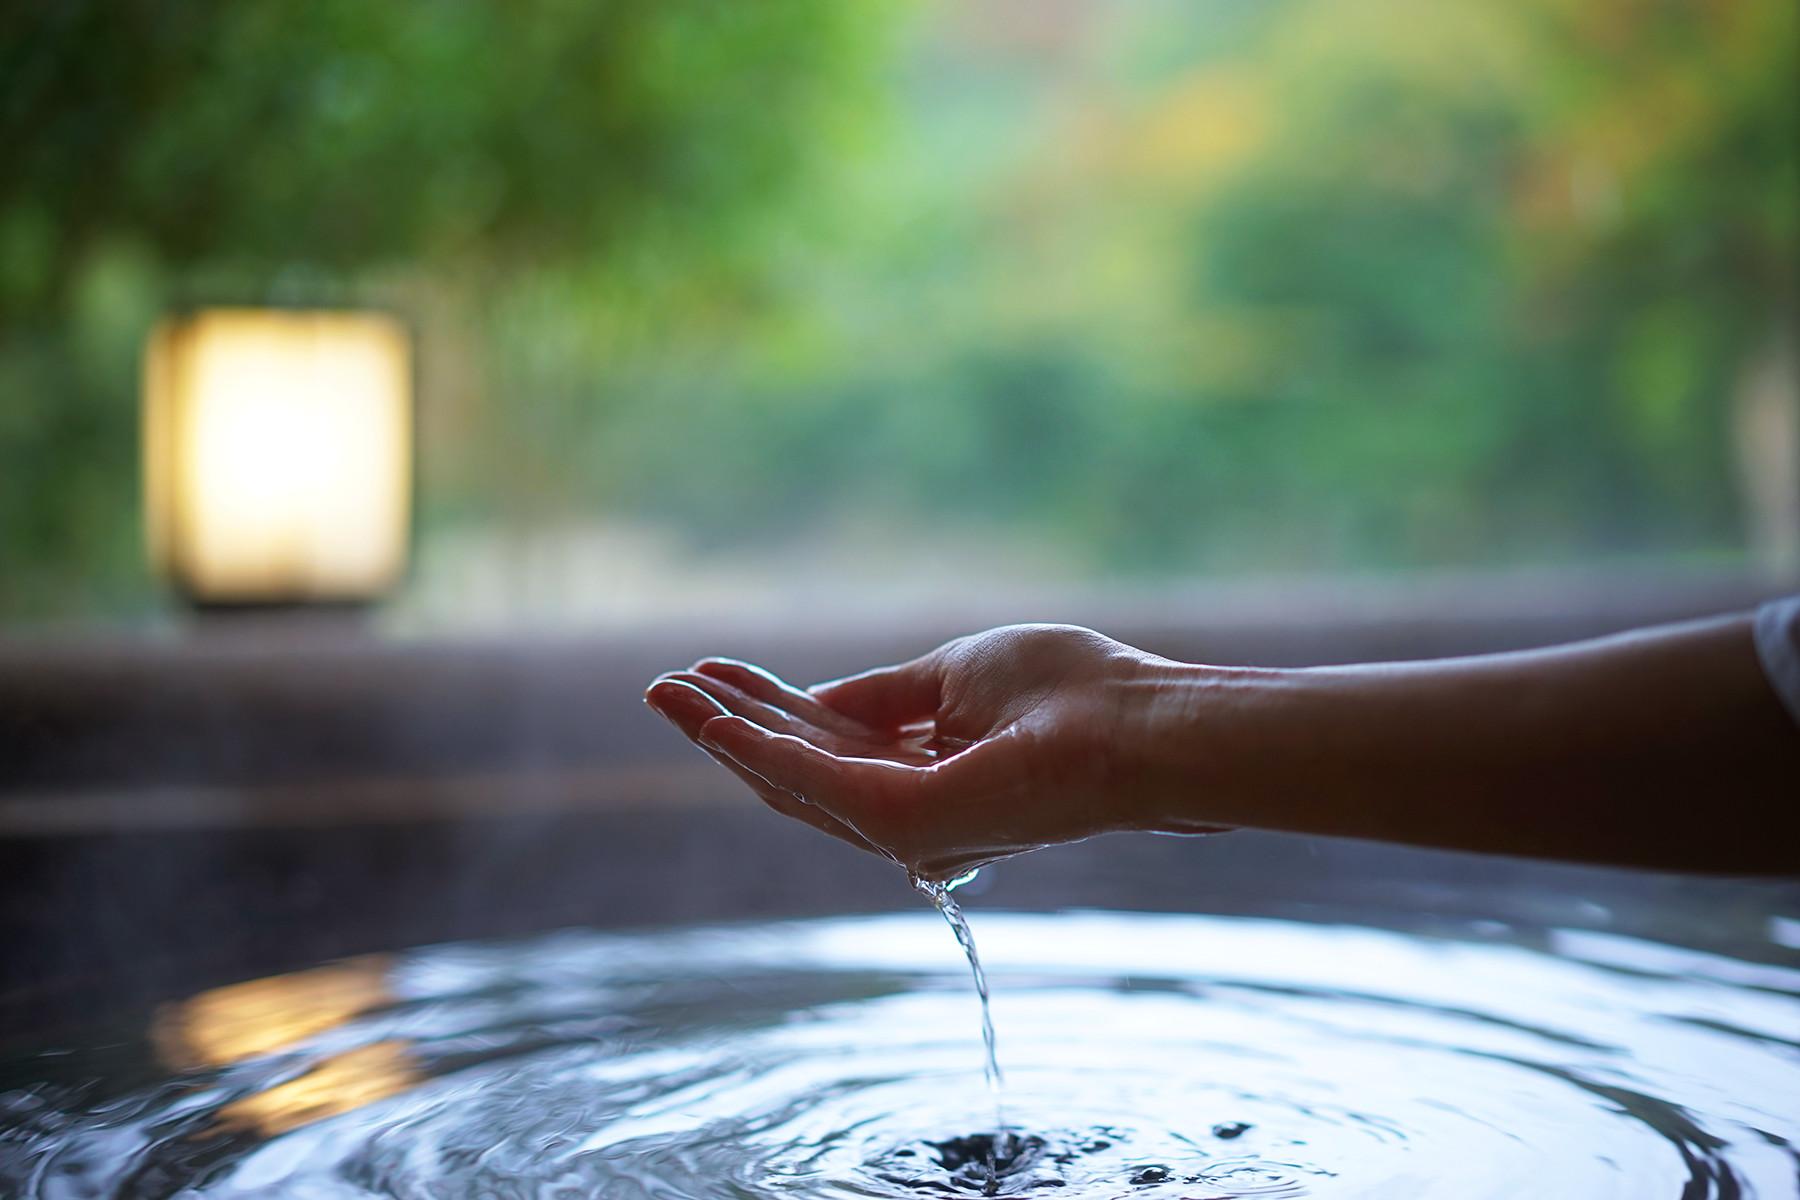 湯と手のイメージ